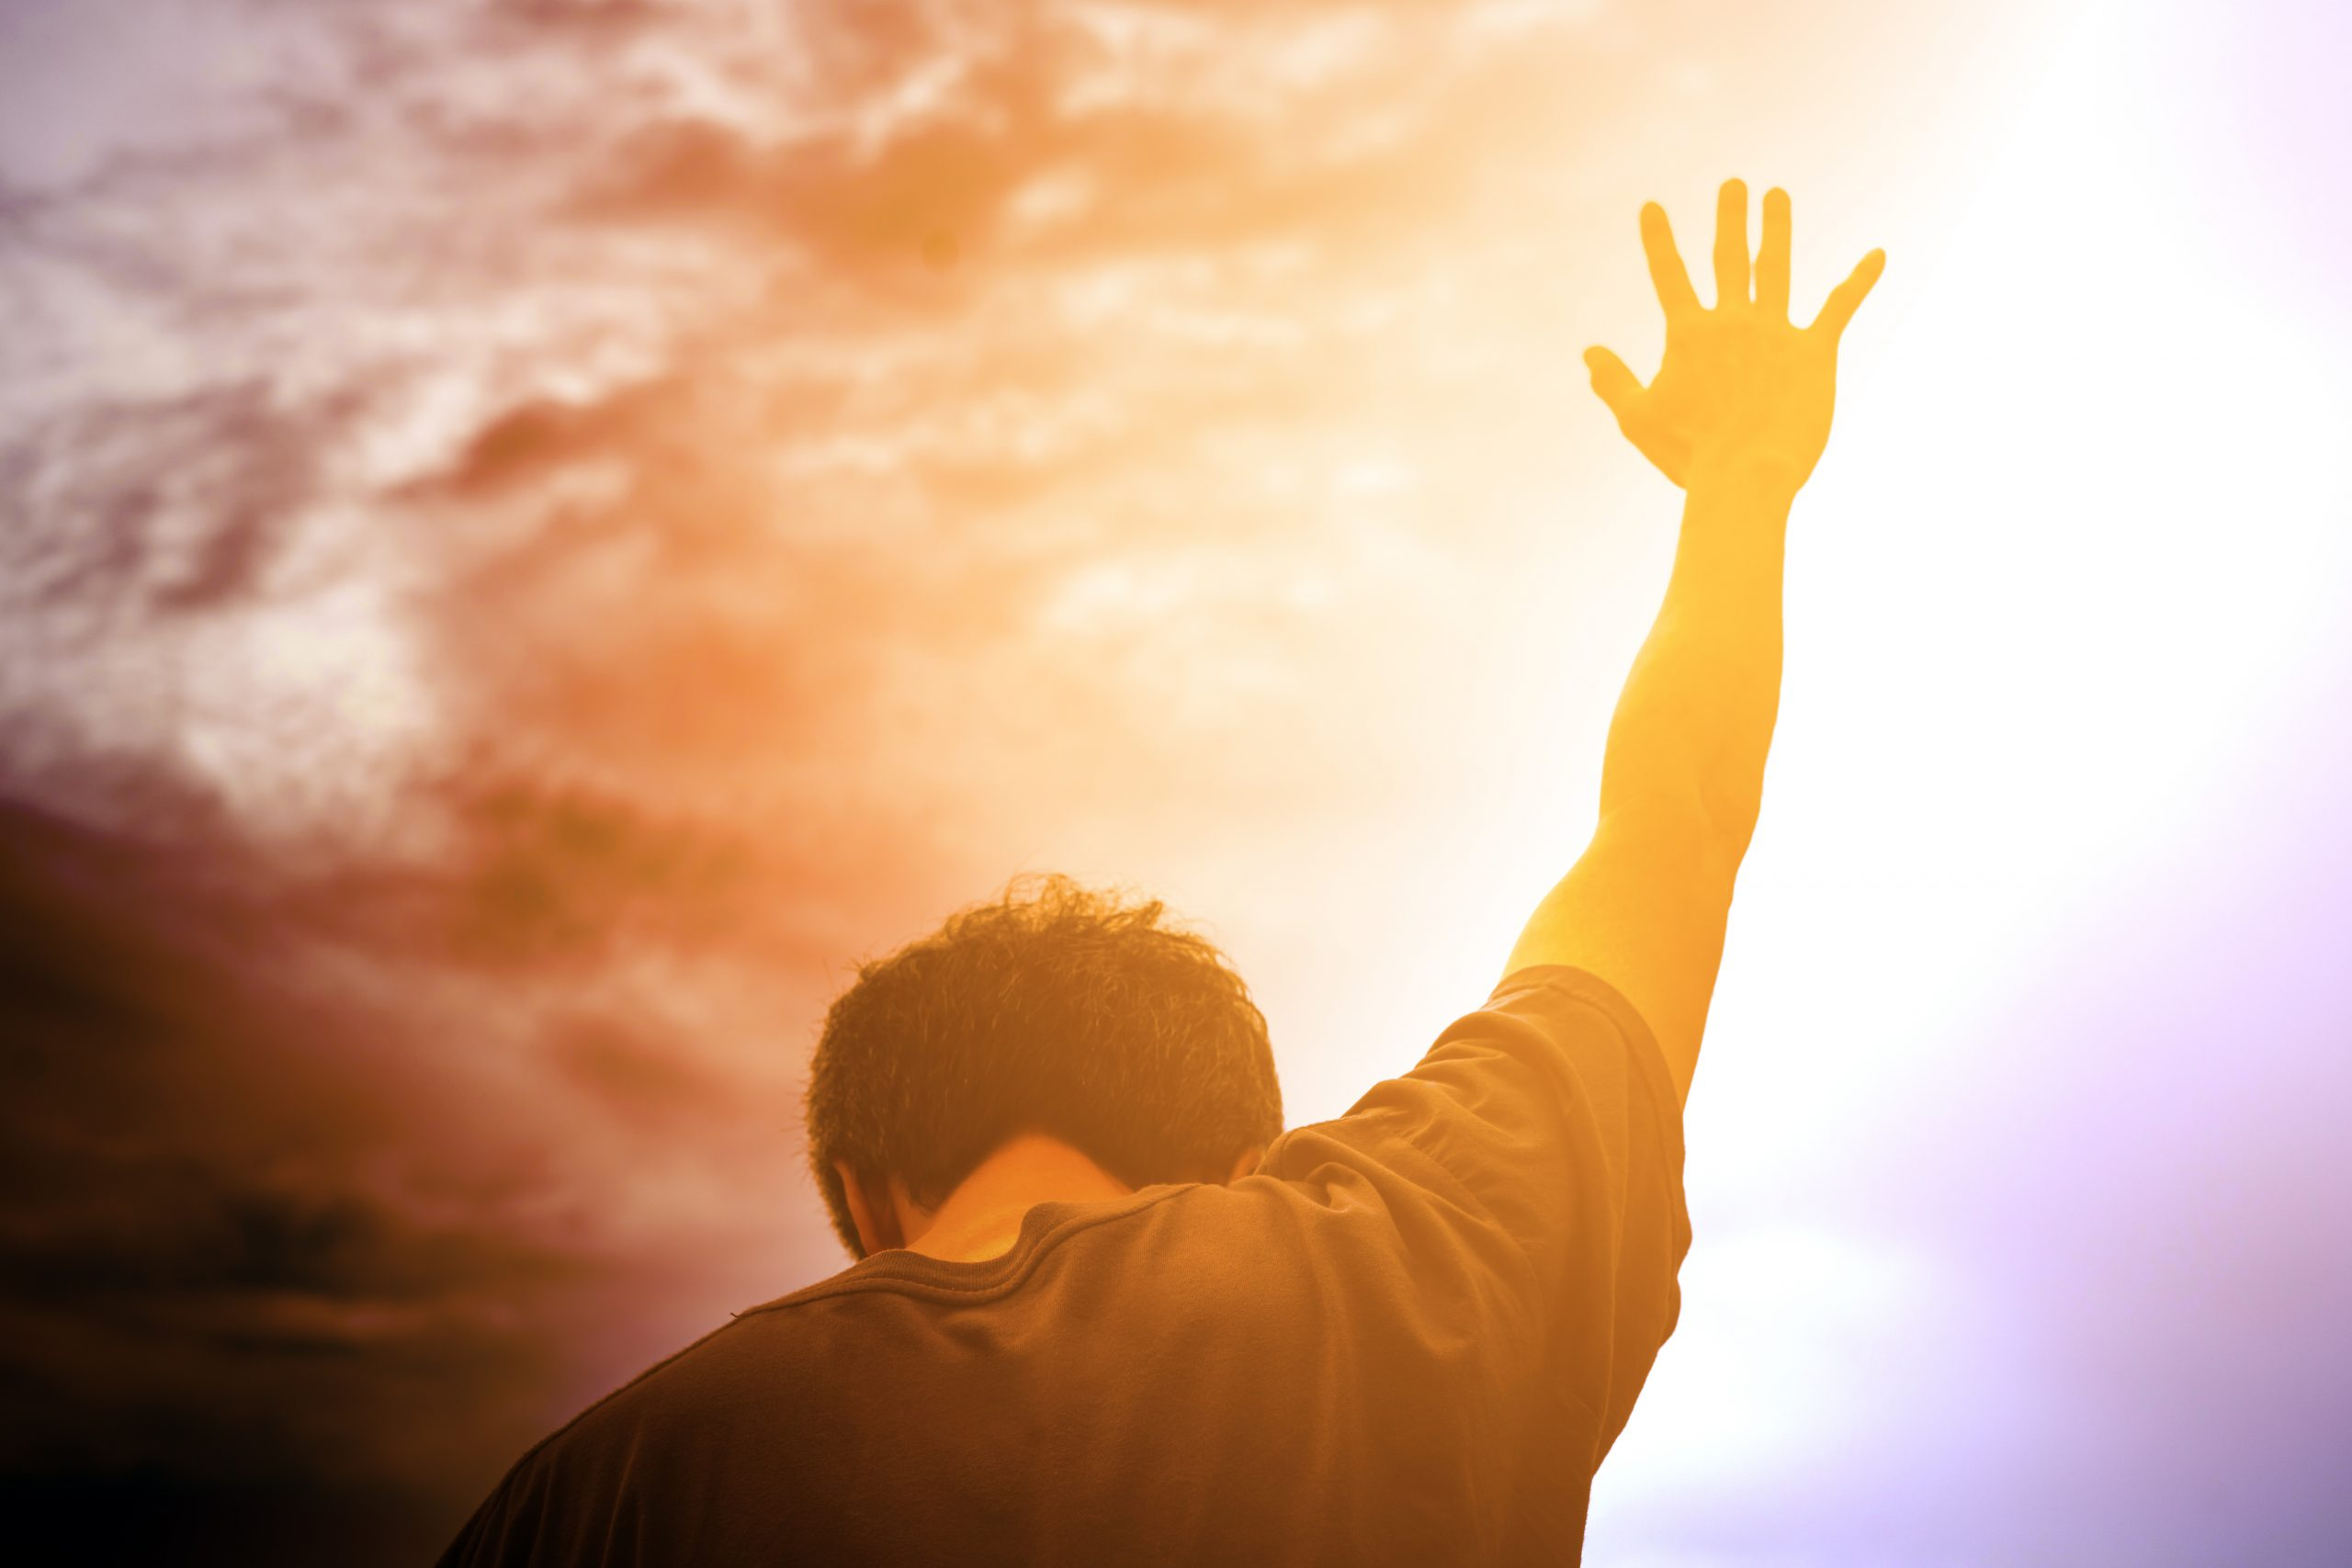 Day of Prayer - Each Thursday